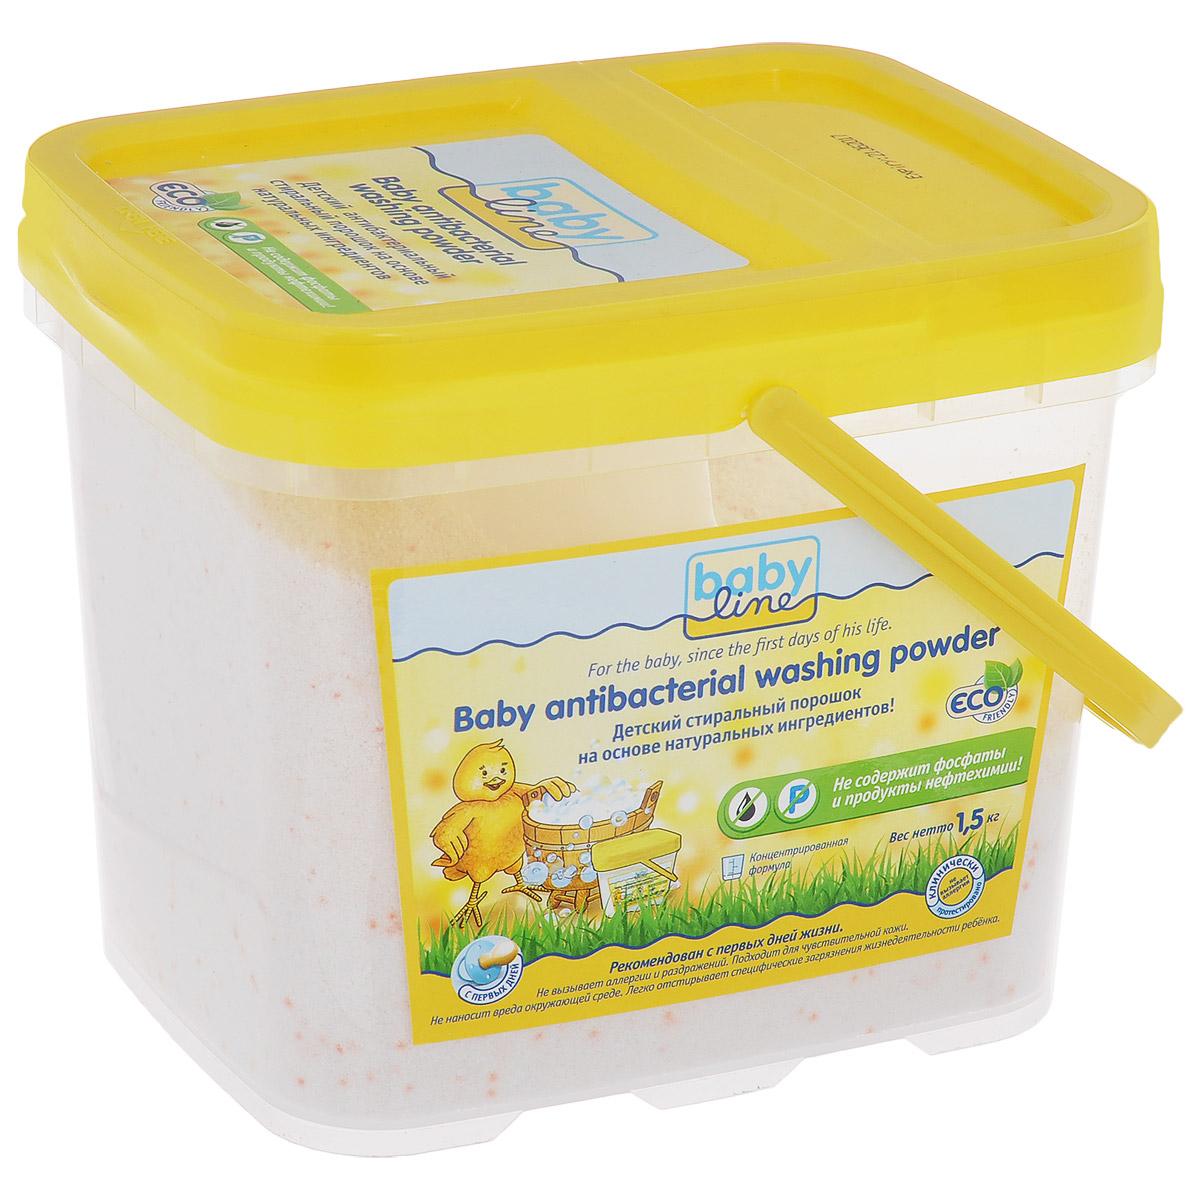 Babyline Стиральный порошок, детский, на основе натуральных ингредиентов, 1,5 кг